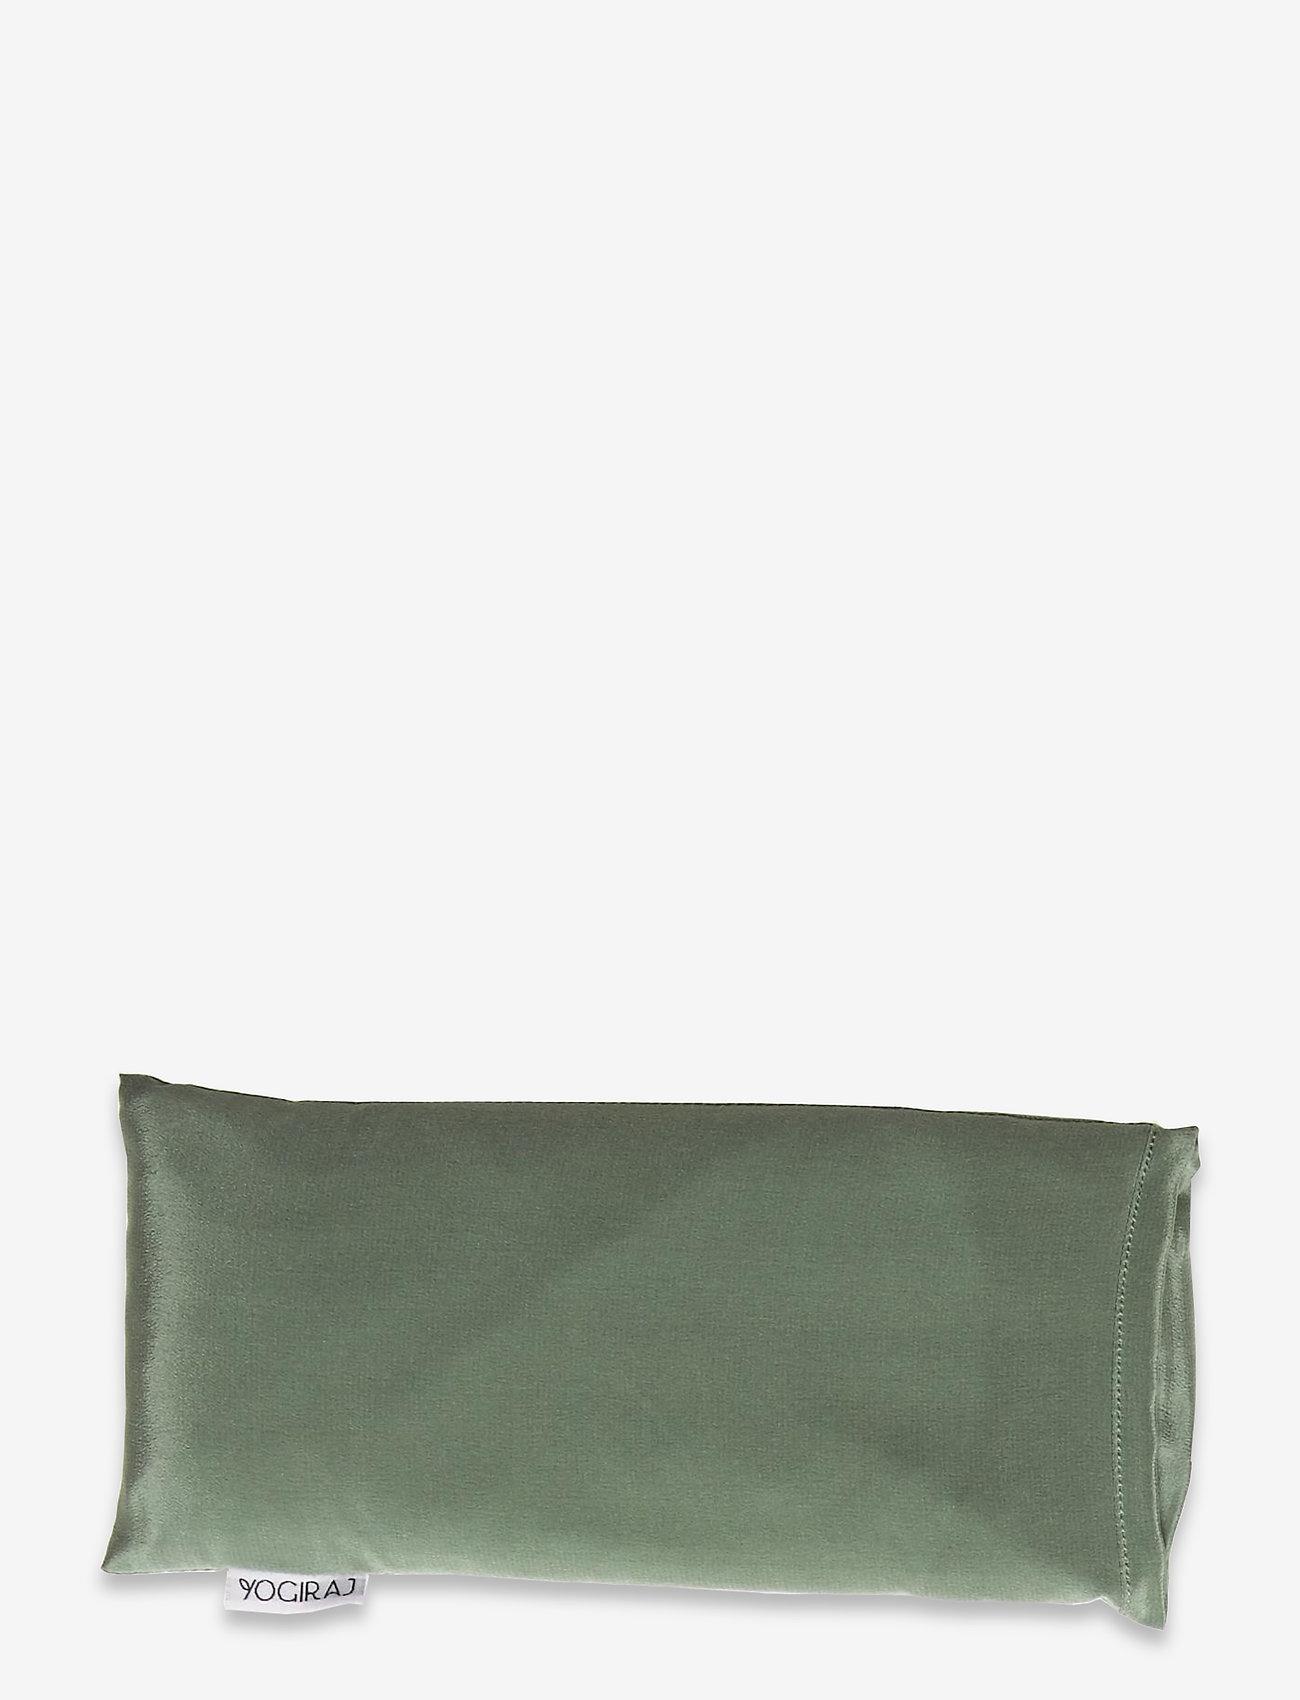 Yogiraj - Eye pillow - YOGIRAJ - yogamatten en -accessoires - moss green - 0